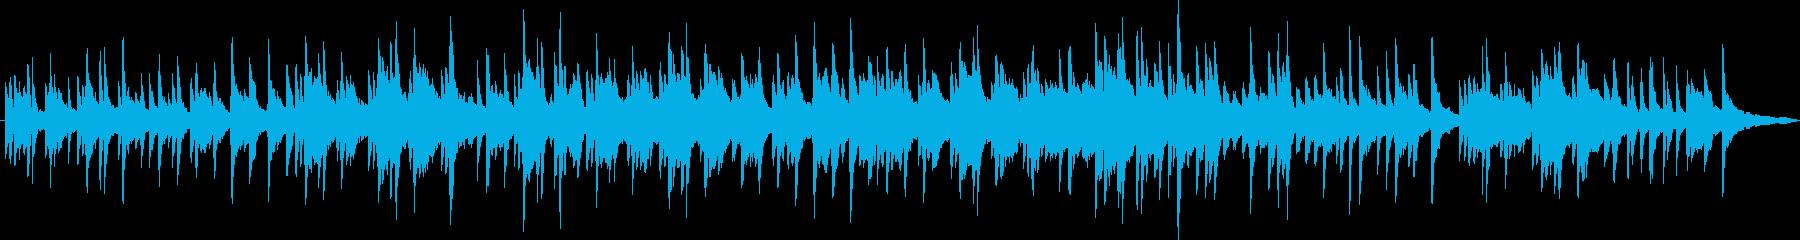 ピアノソロの切ない曲の再生済みの波形